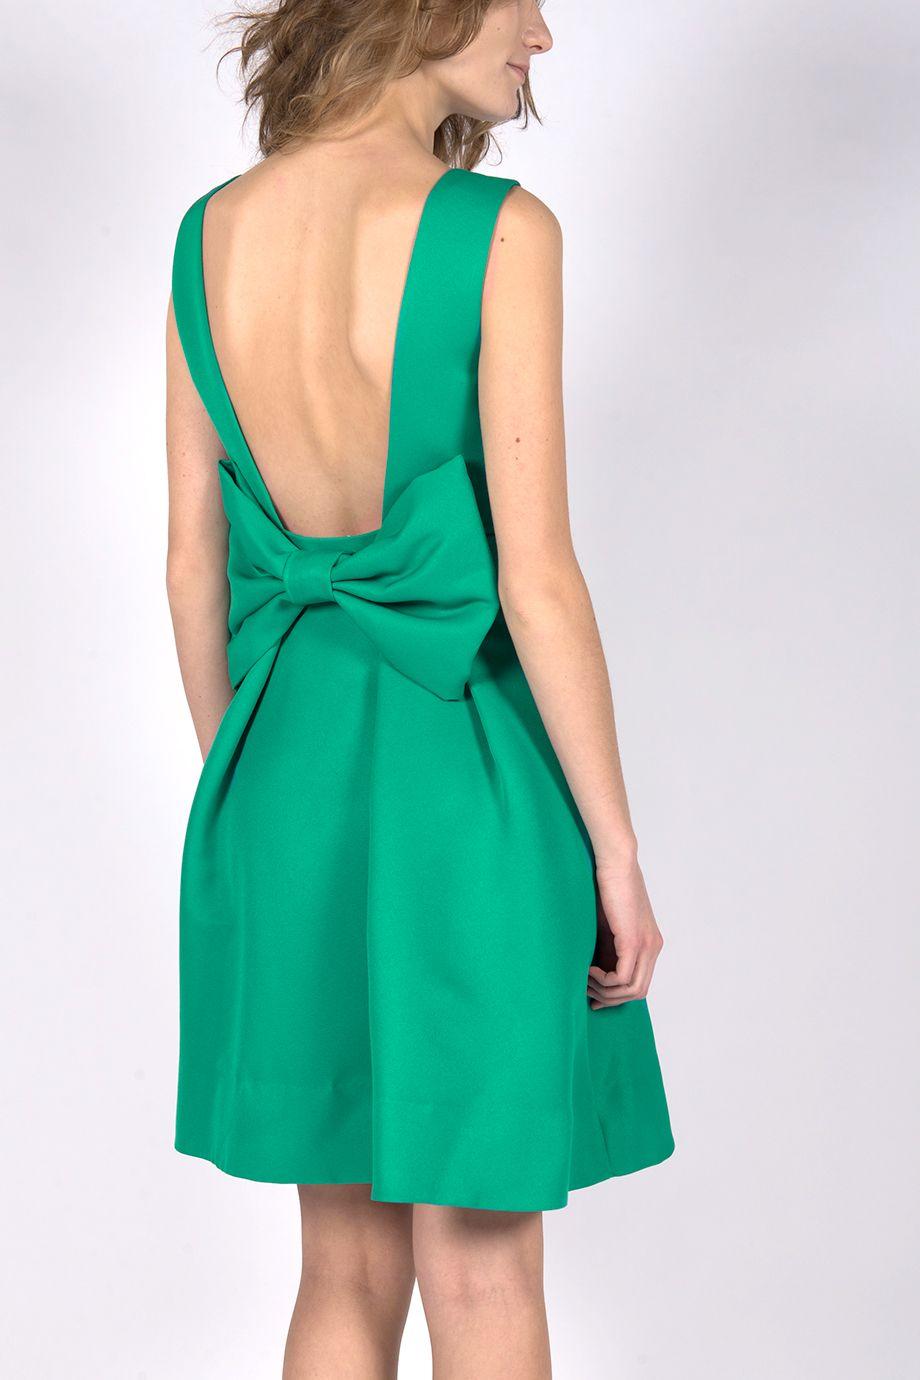 009c42c5a82 Location de cette superbe robe Sinéquanone verte au grand dos nu à noeud